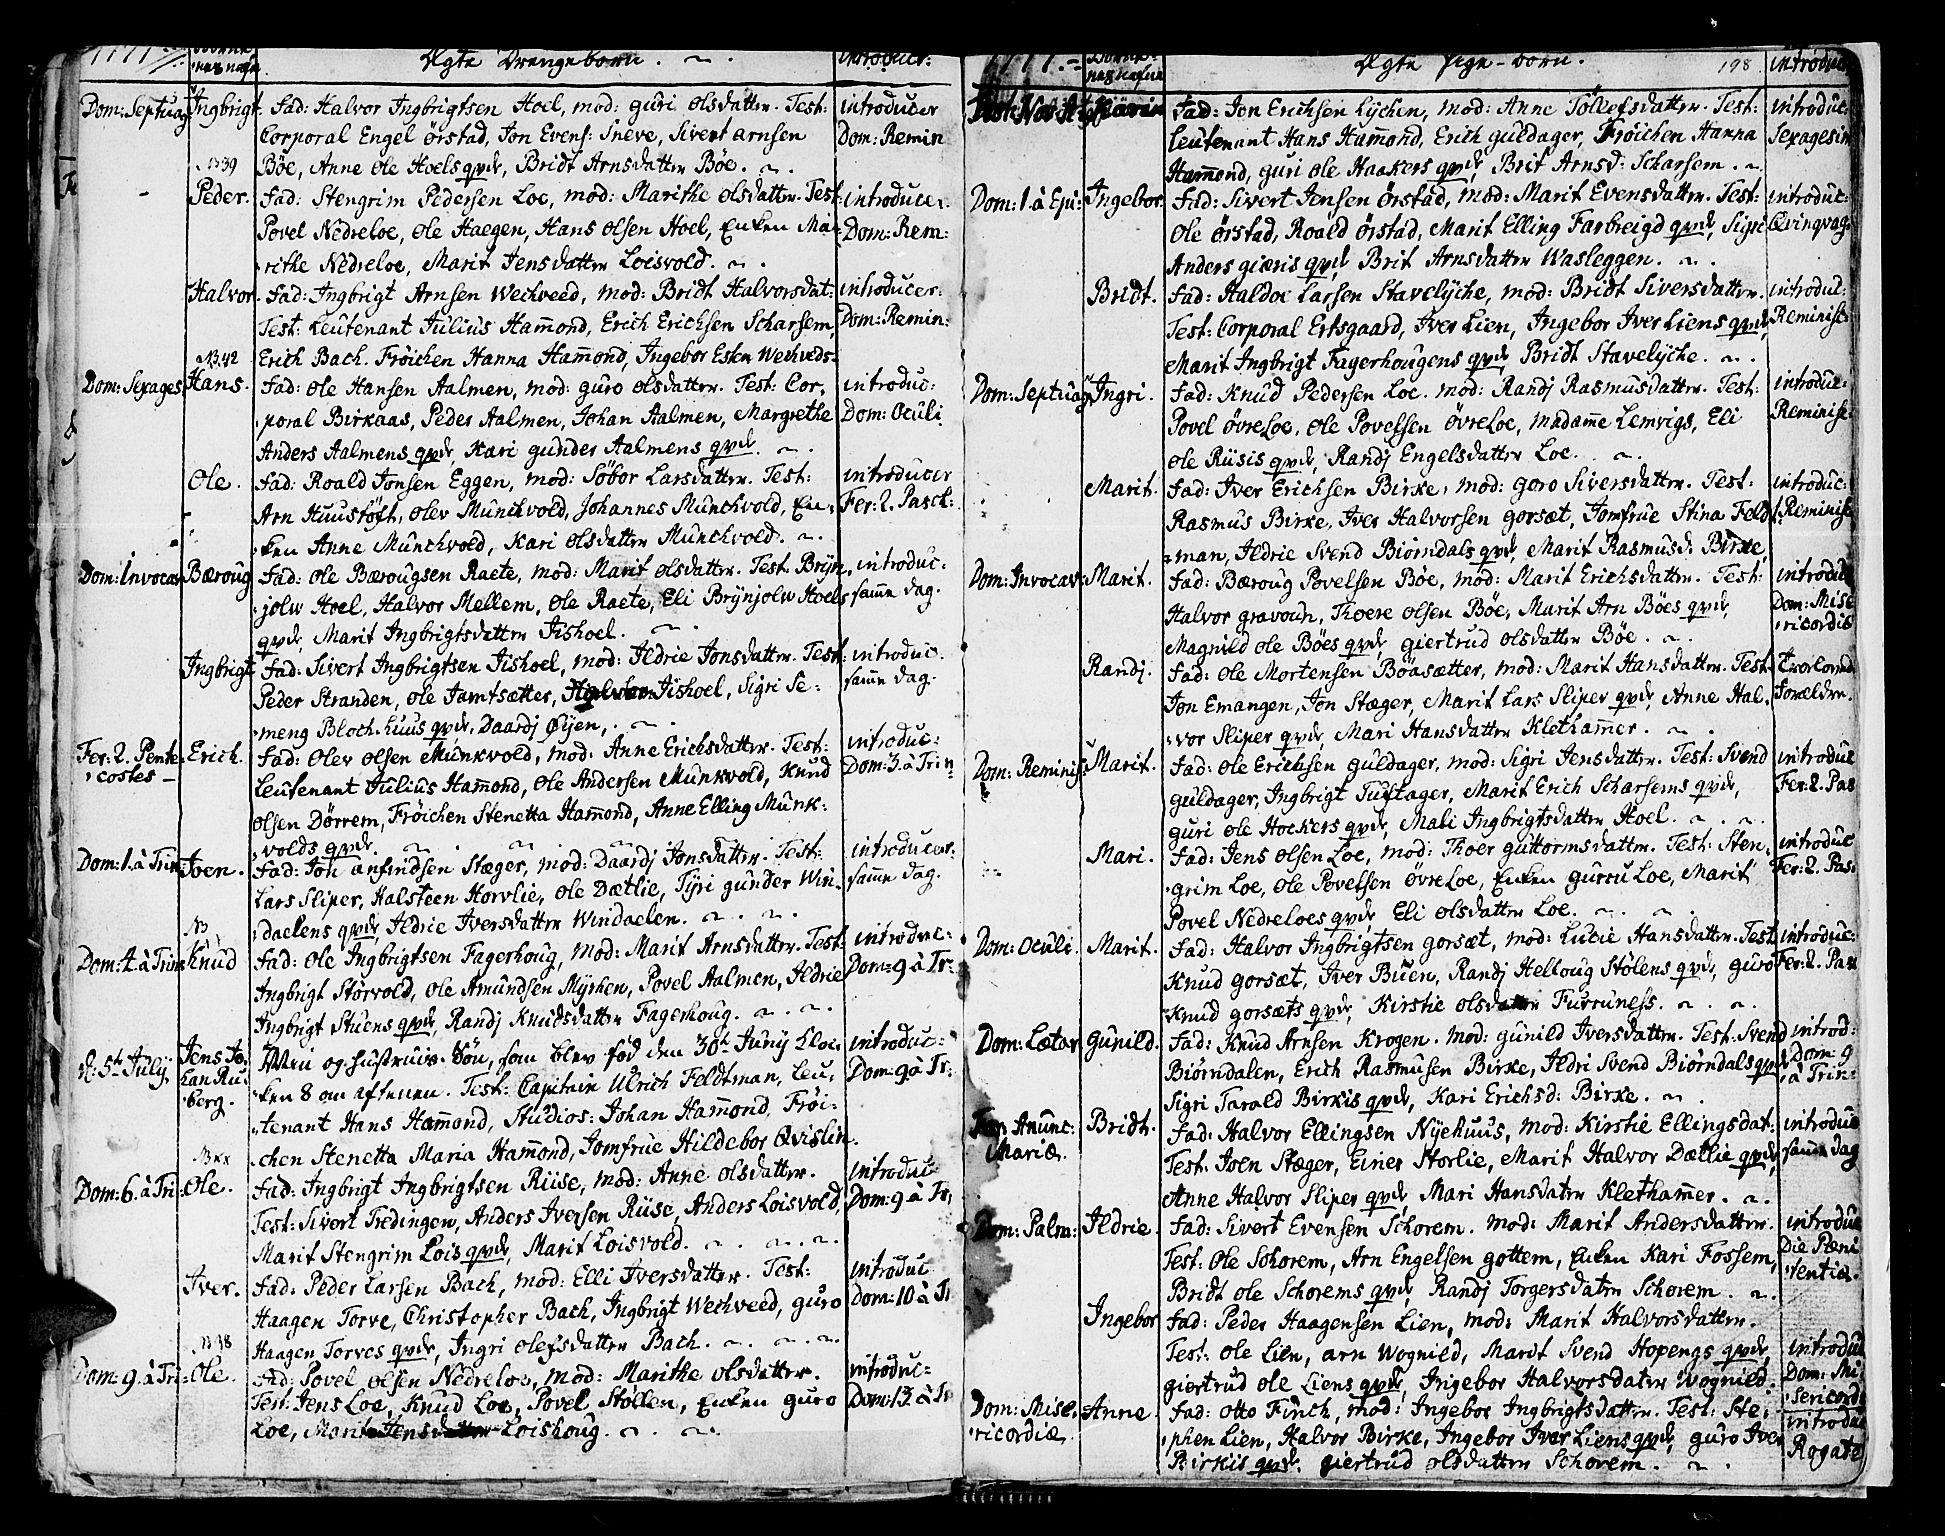 SAT, Ministerialprotokoller, klokkerbøker og fødselsregistre - Sør-Trøndelag, 678/L0891: Ministerialbok nr. 678A01, 1739-1780, s. 198